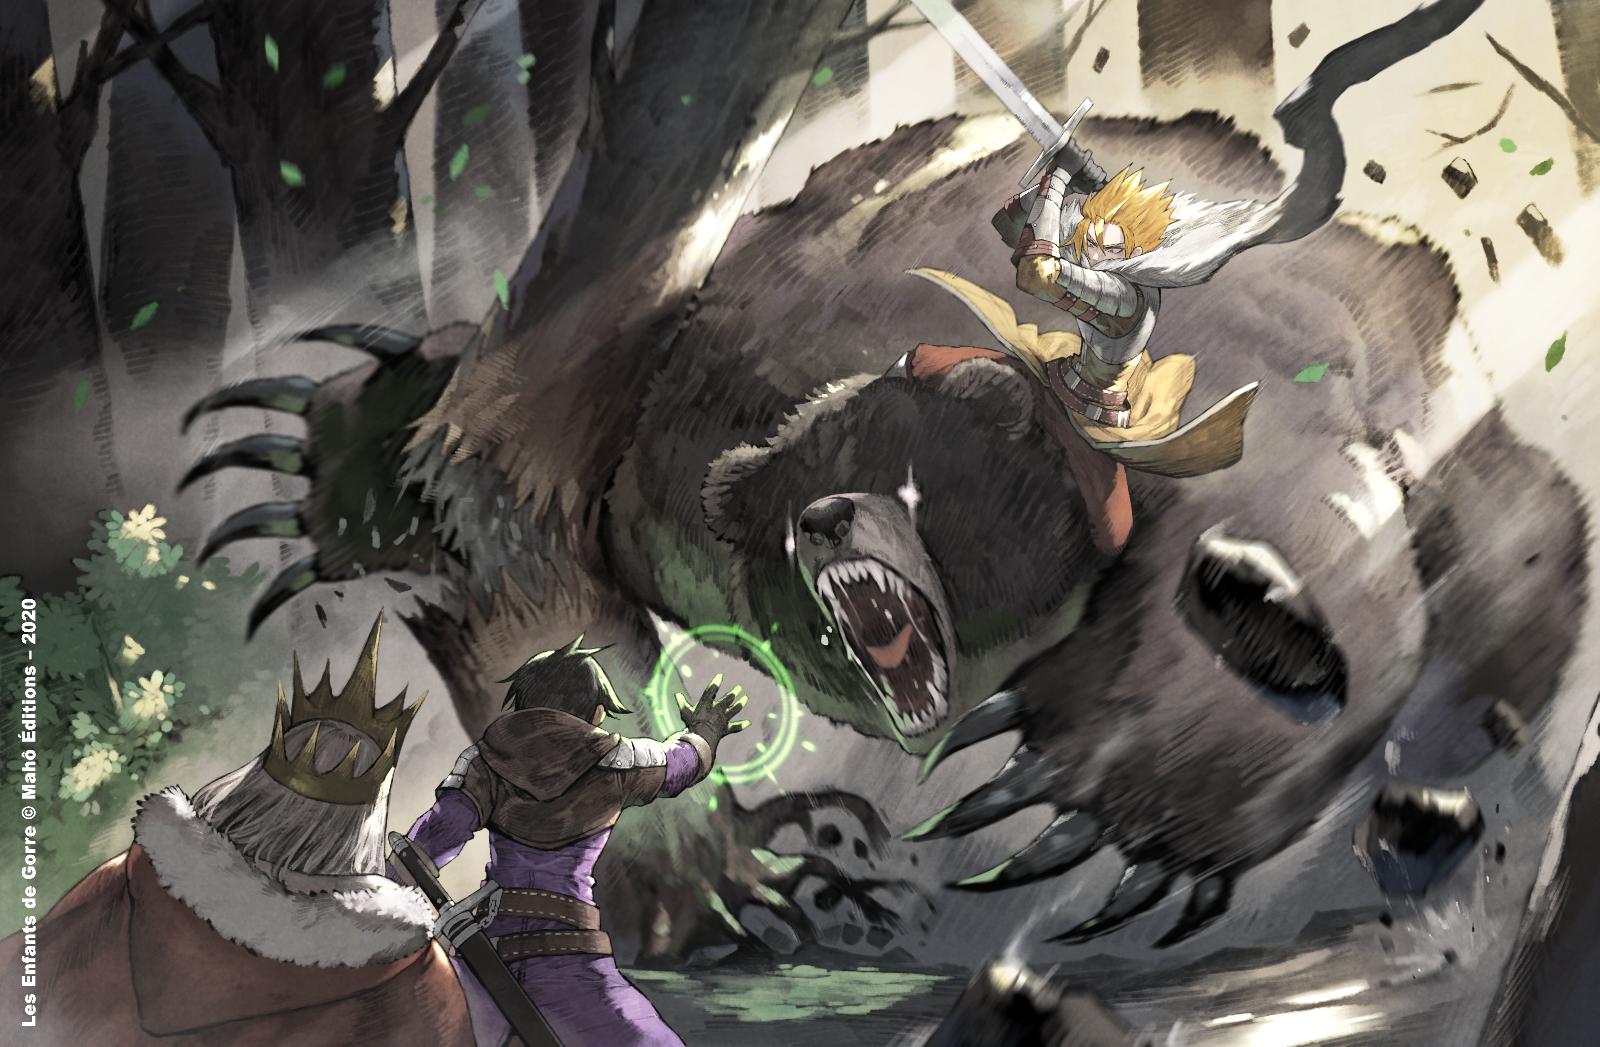 Les Enfants de Gorre-ours